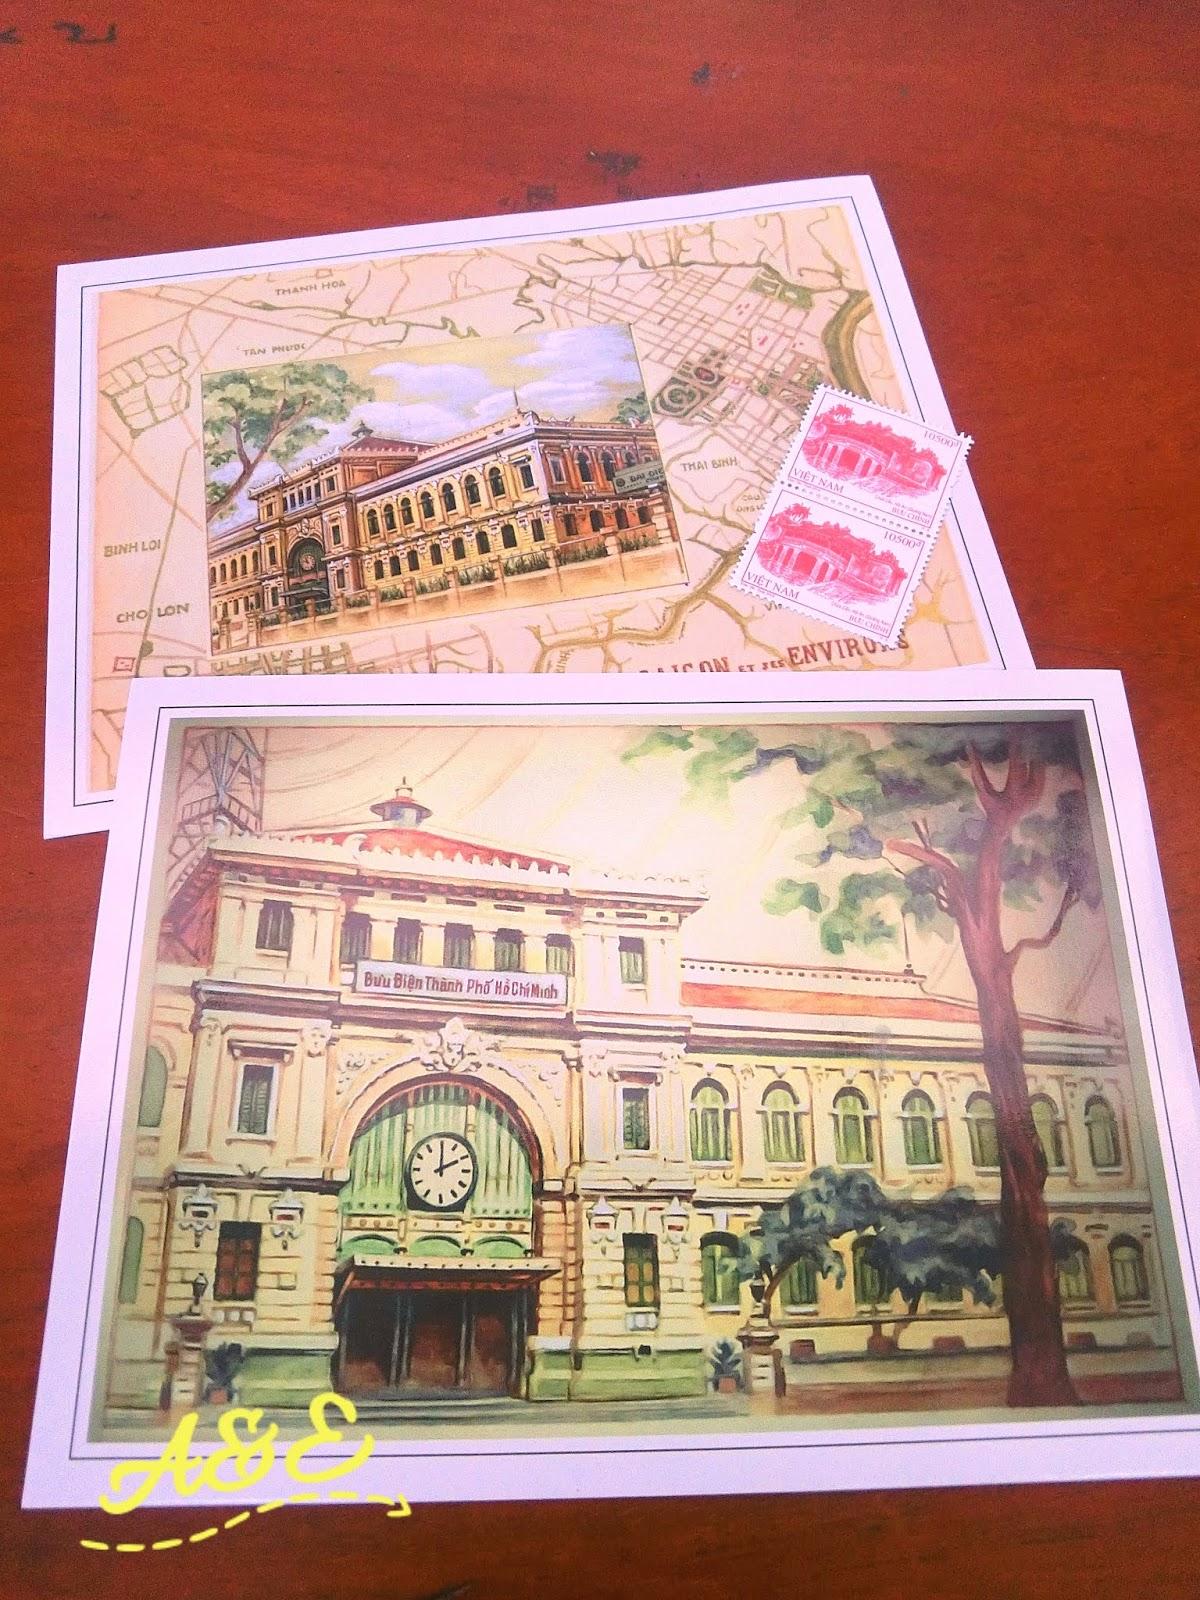 越南。胡志明市景點|百年郵局 西貢中心郵政局 Bưu điện trung tâm Sài Gòn | AE 生活大小事